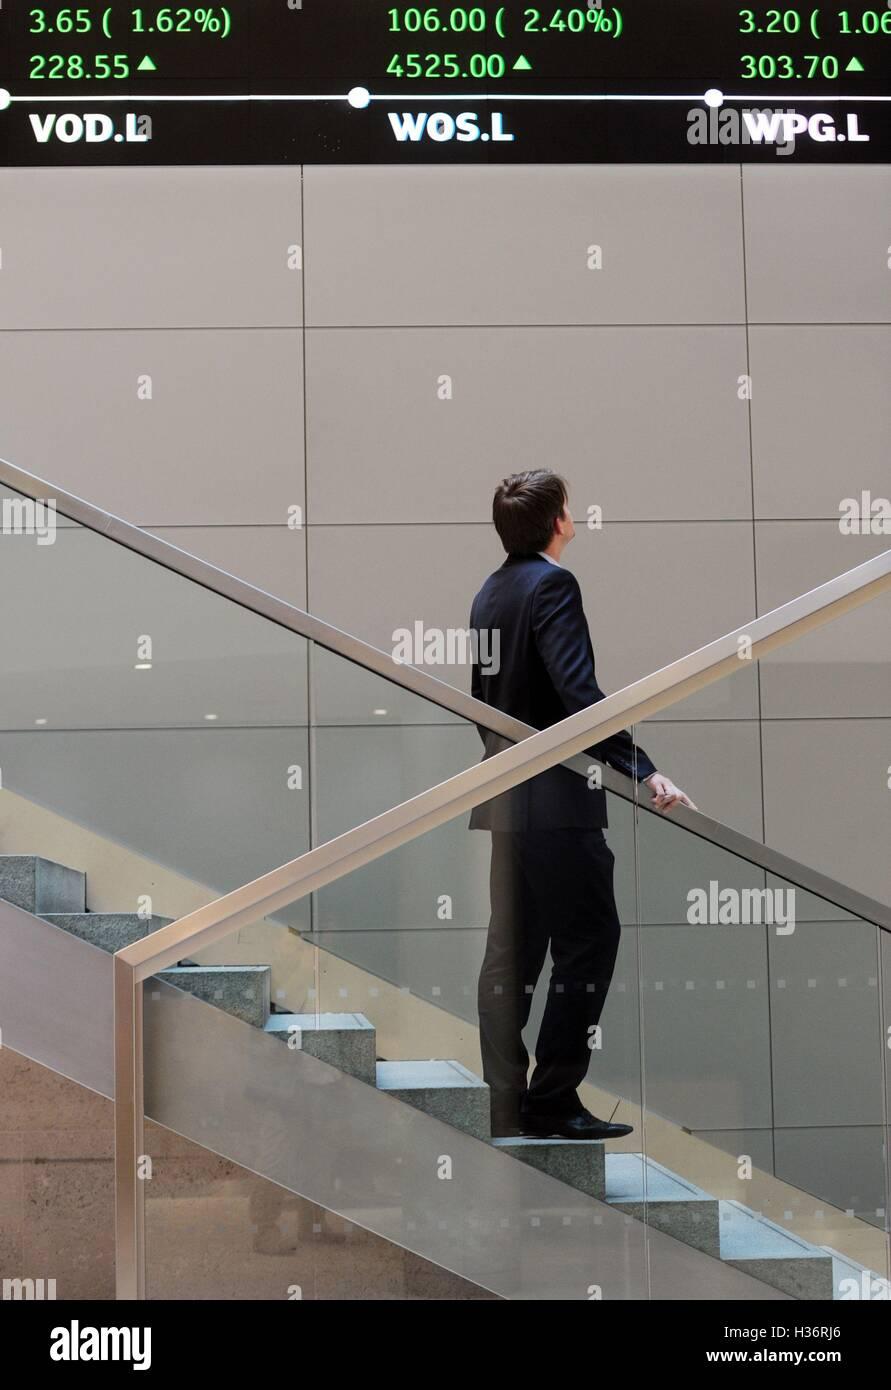 f98ec30a56 Un uomo guarda fino a electronic Ticker tape che mostra il FTSE 100  all'interno